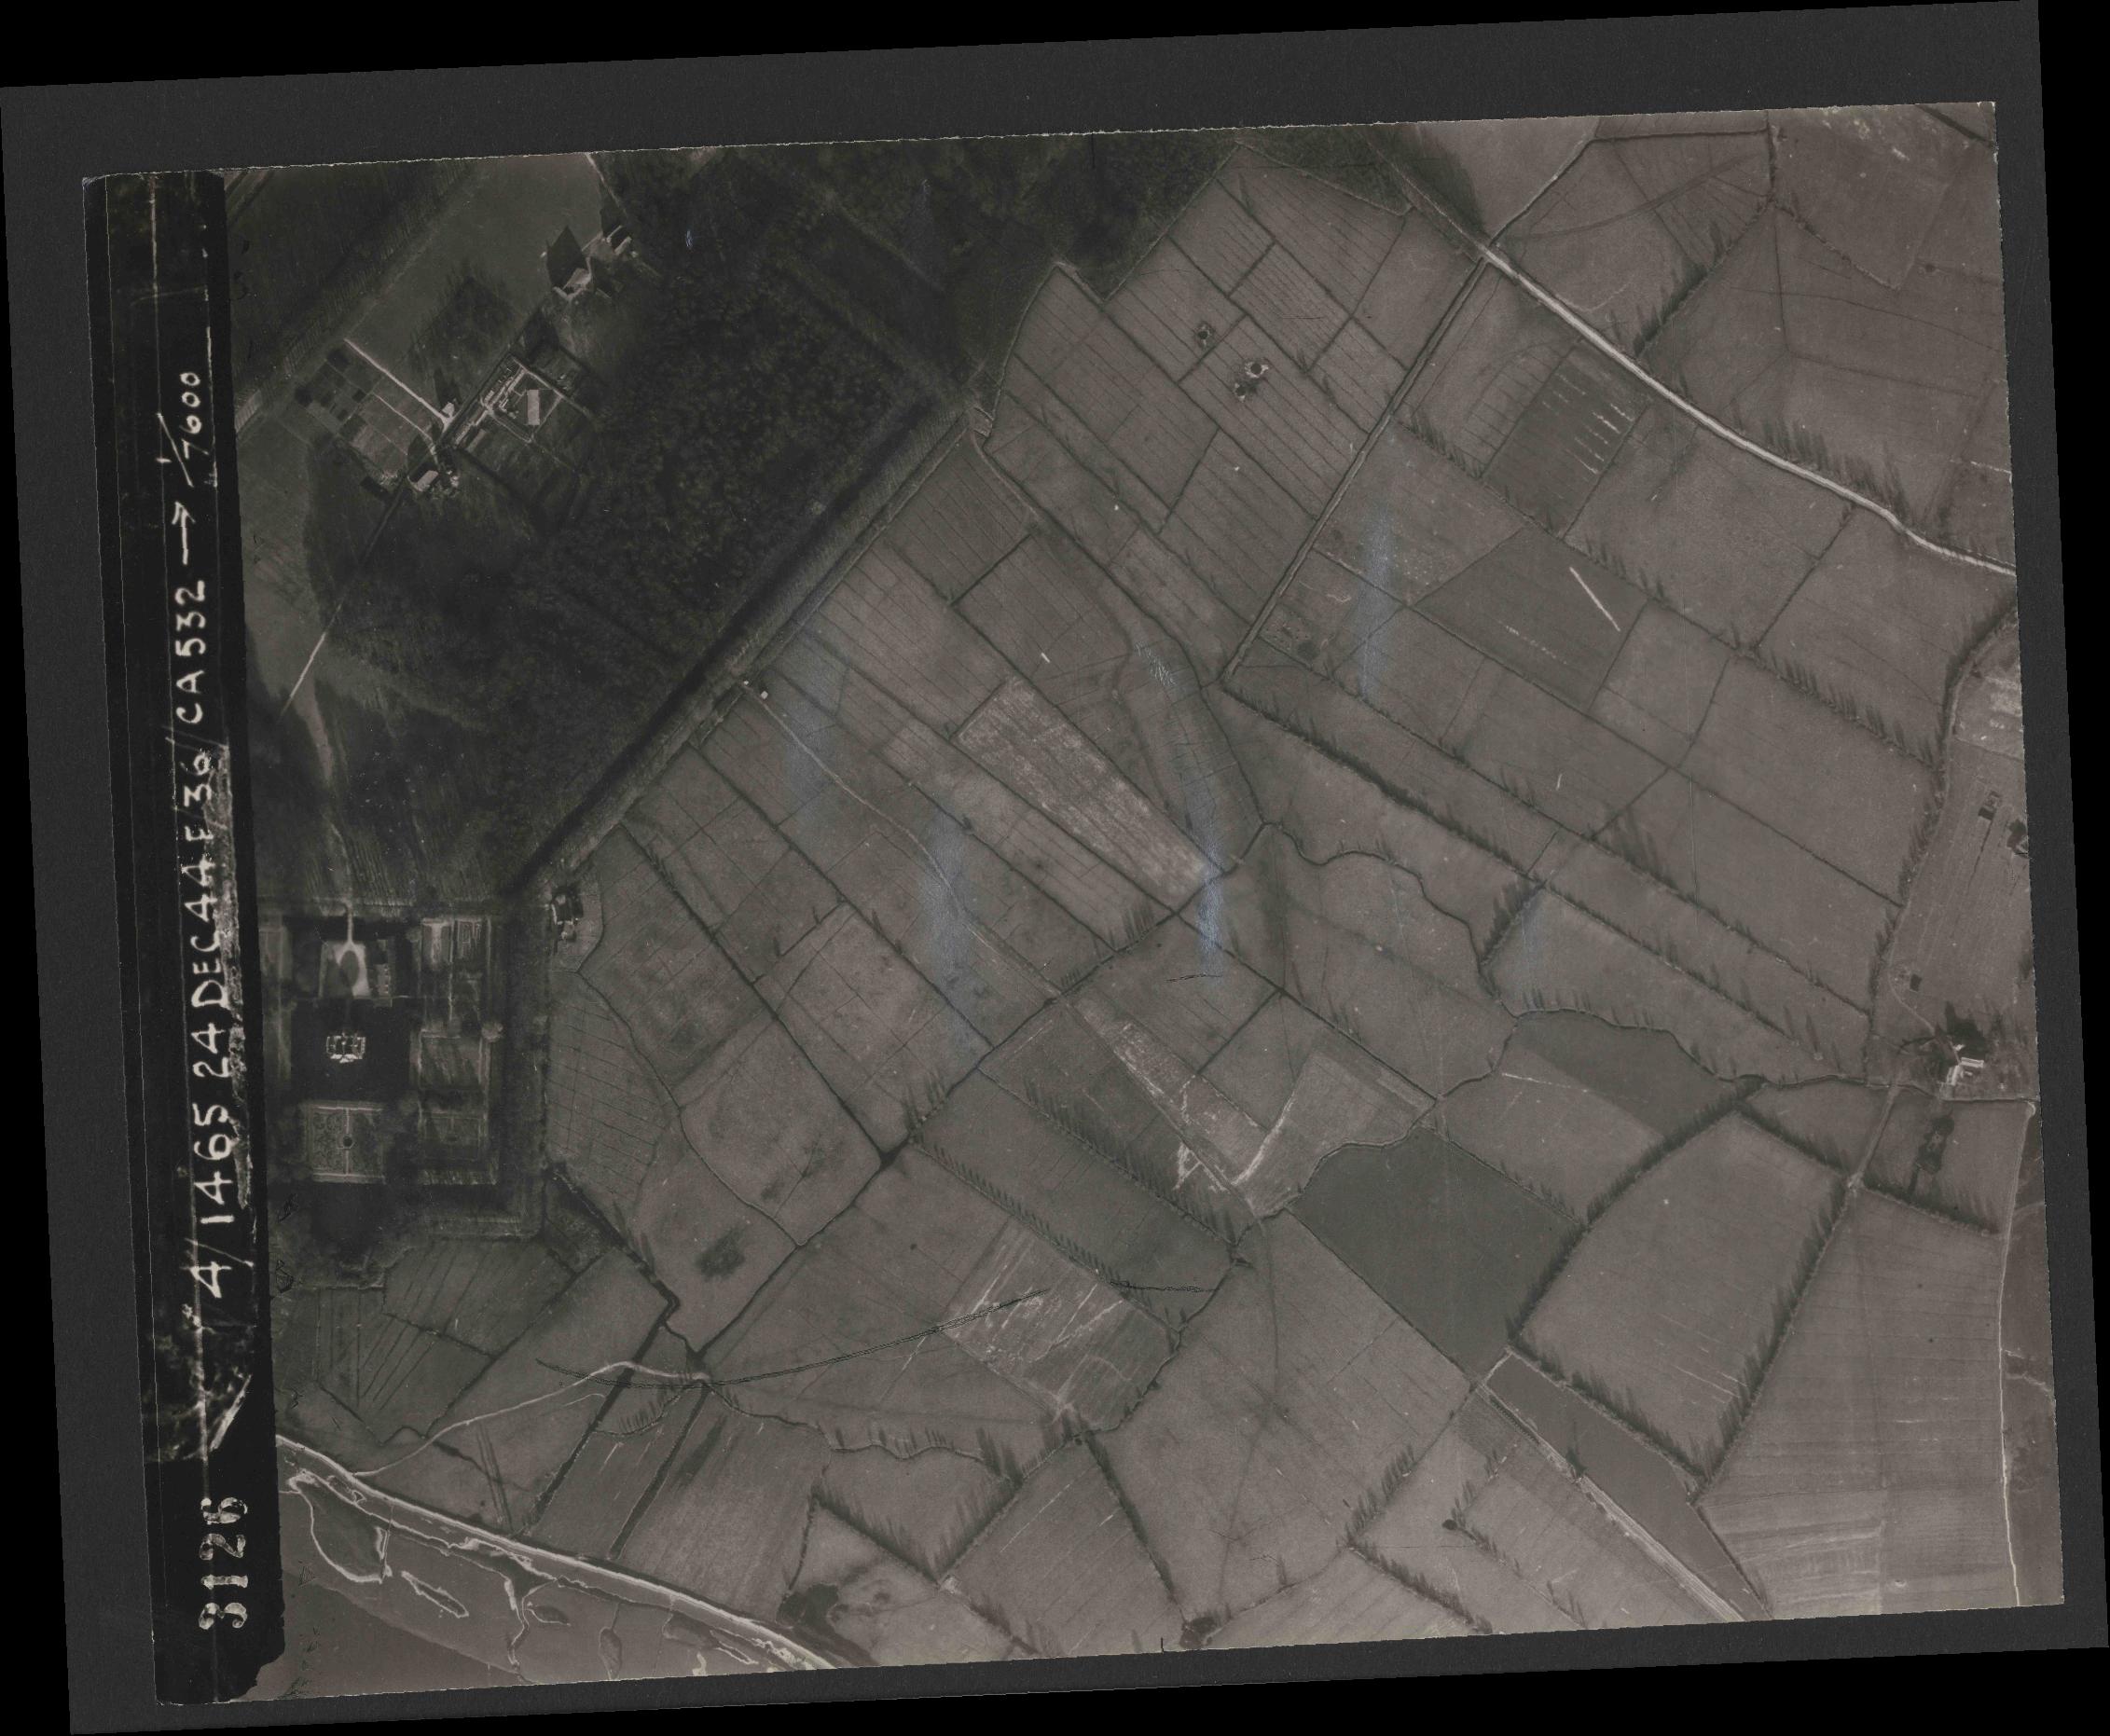 Collection RAF aerial photos 1940-1945 - flight 304, run 01, photo 3126